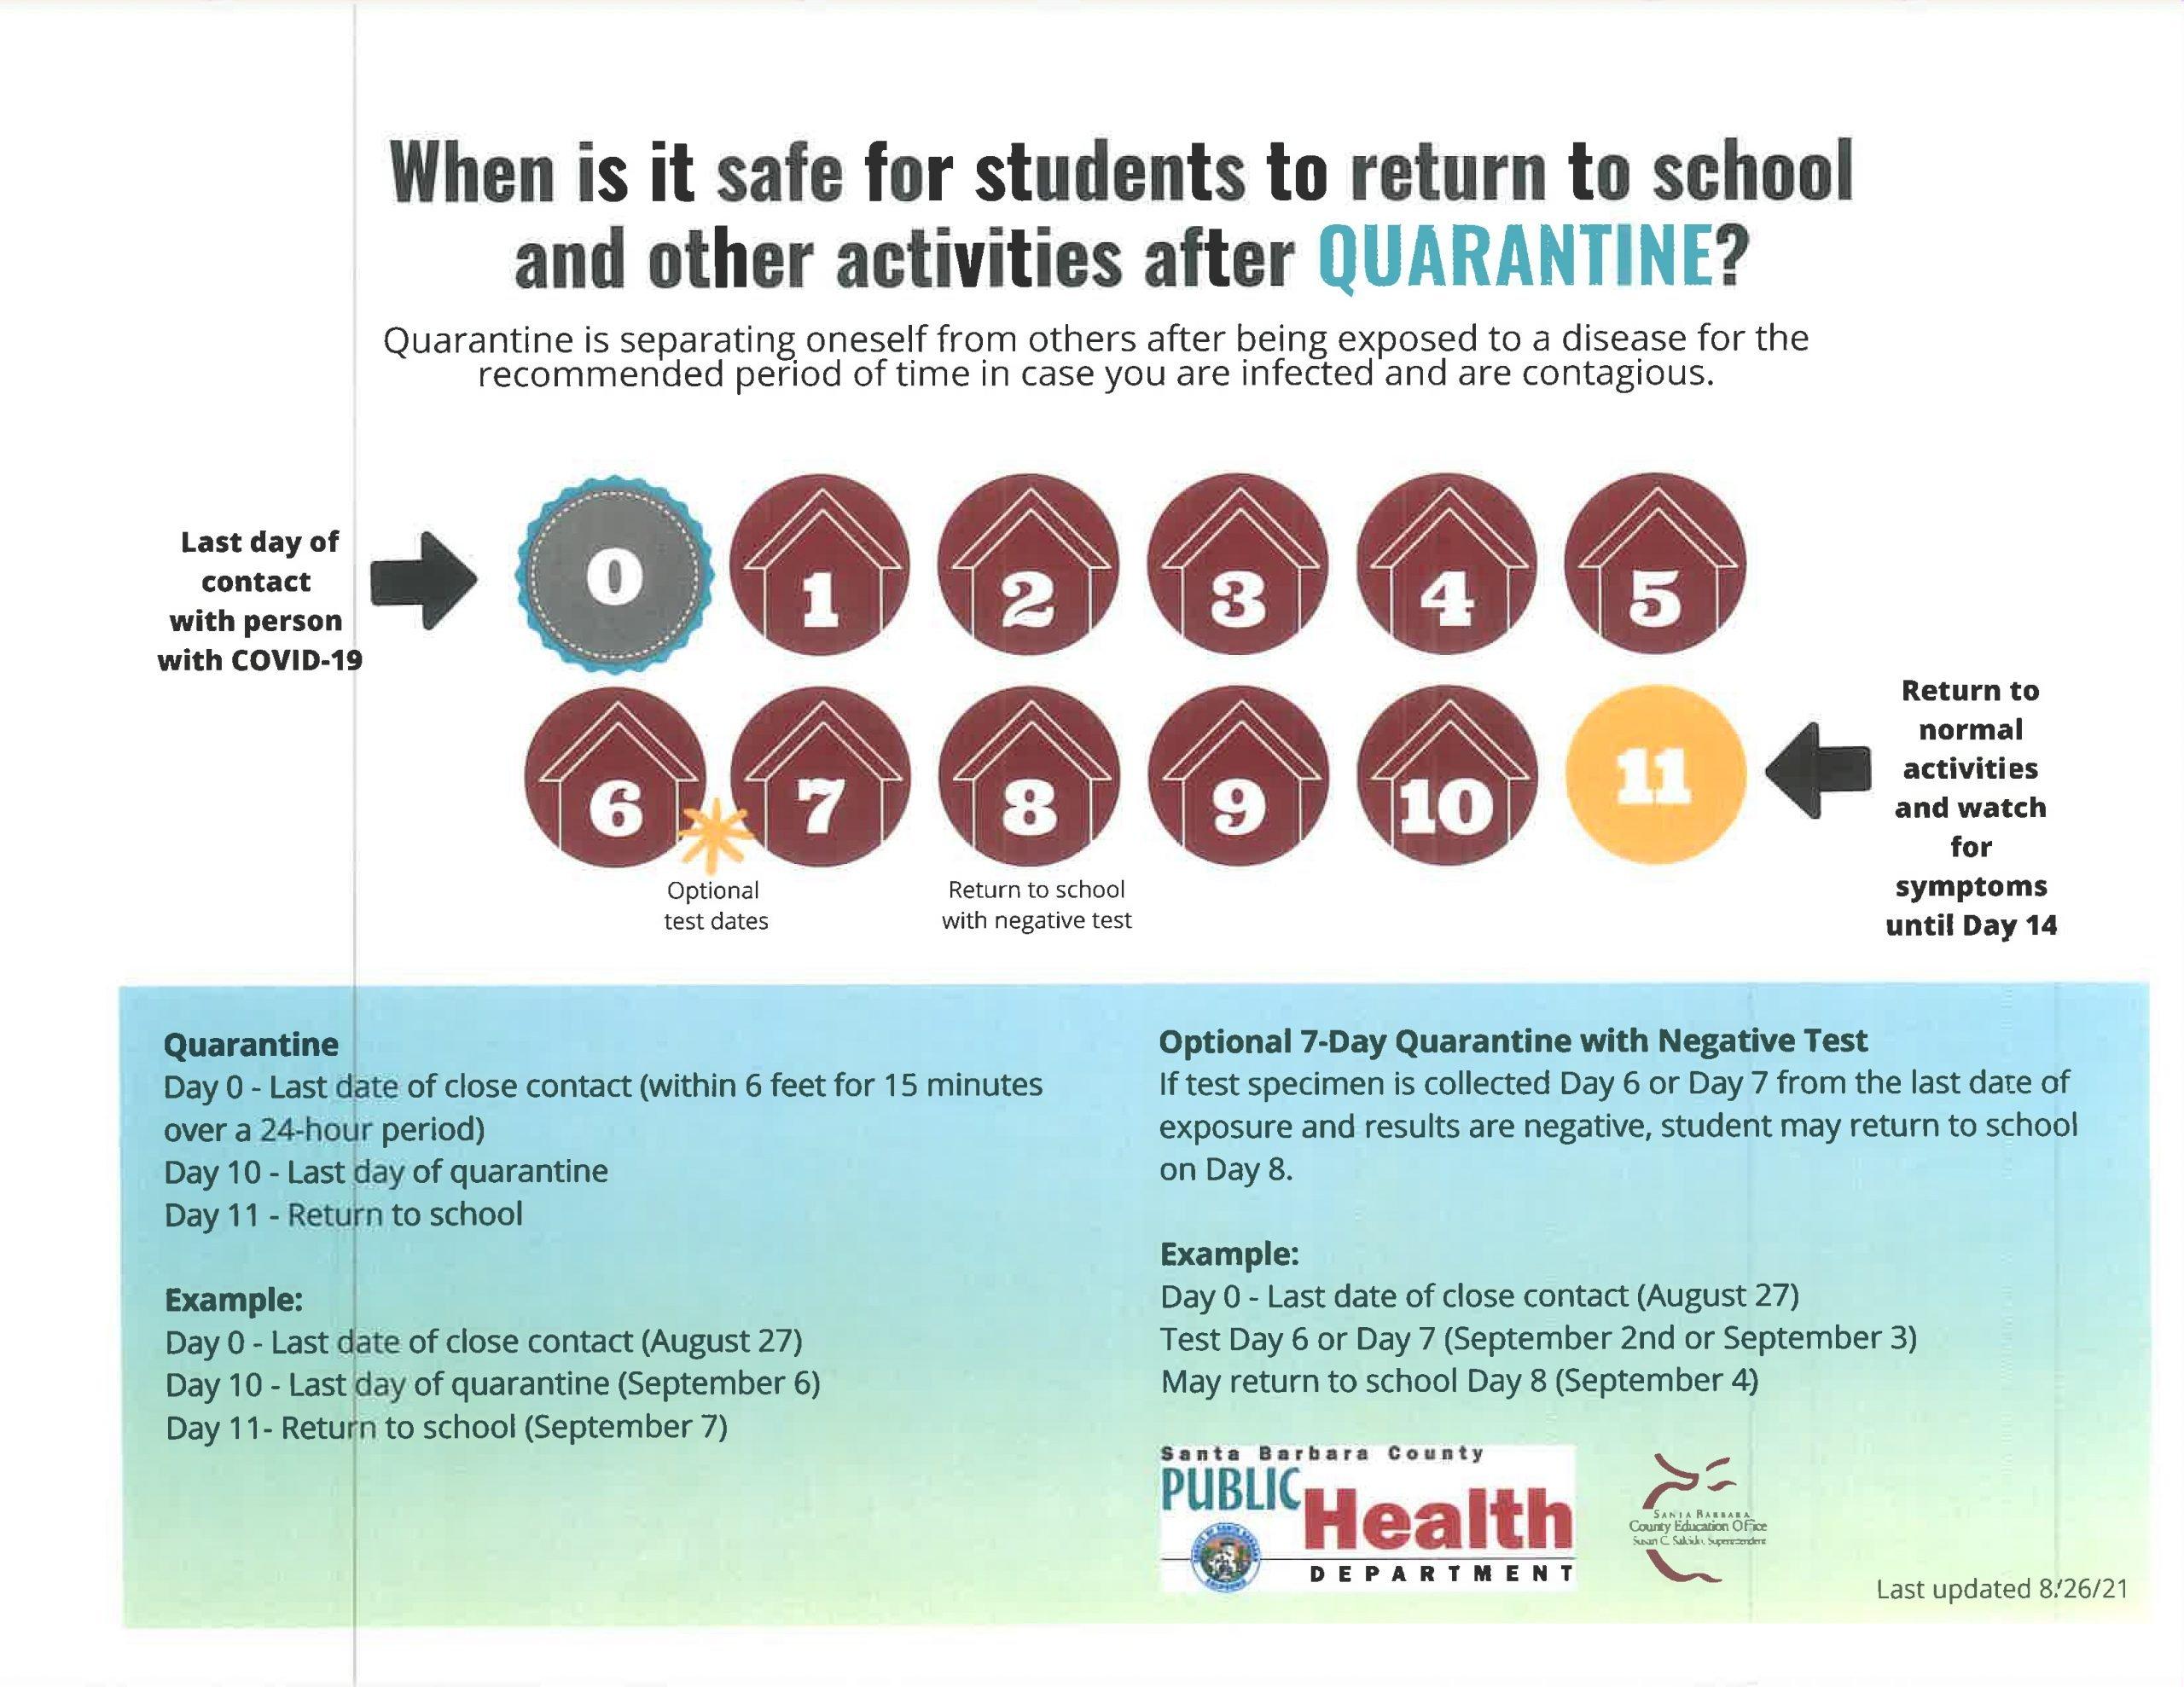 Safe return after quarantine infographic.